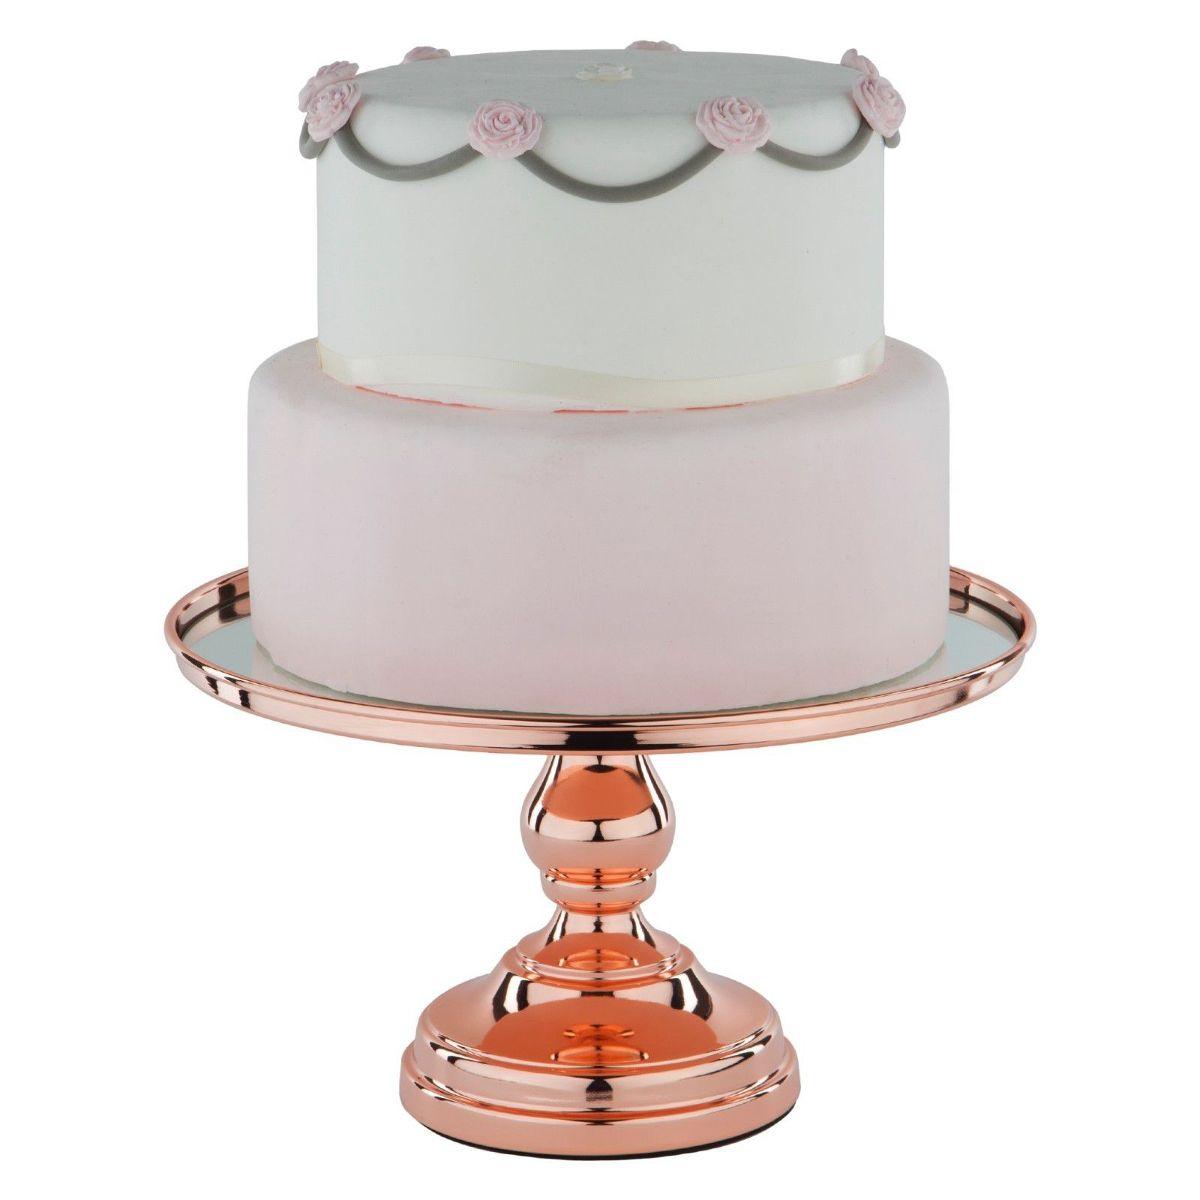 bolo da tabela do casamento está Macarons Donuts Lollipops titular bolo prato de sobremesa queque pan estande hotel de aniversário tabela de eventos decoração bolo de altura